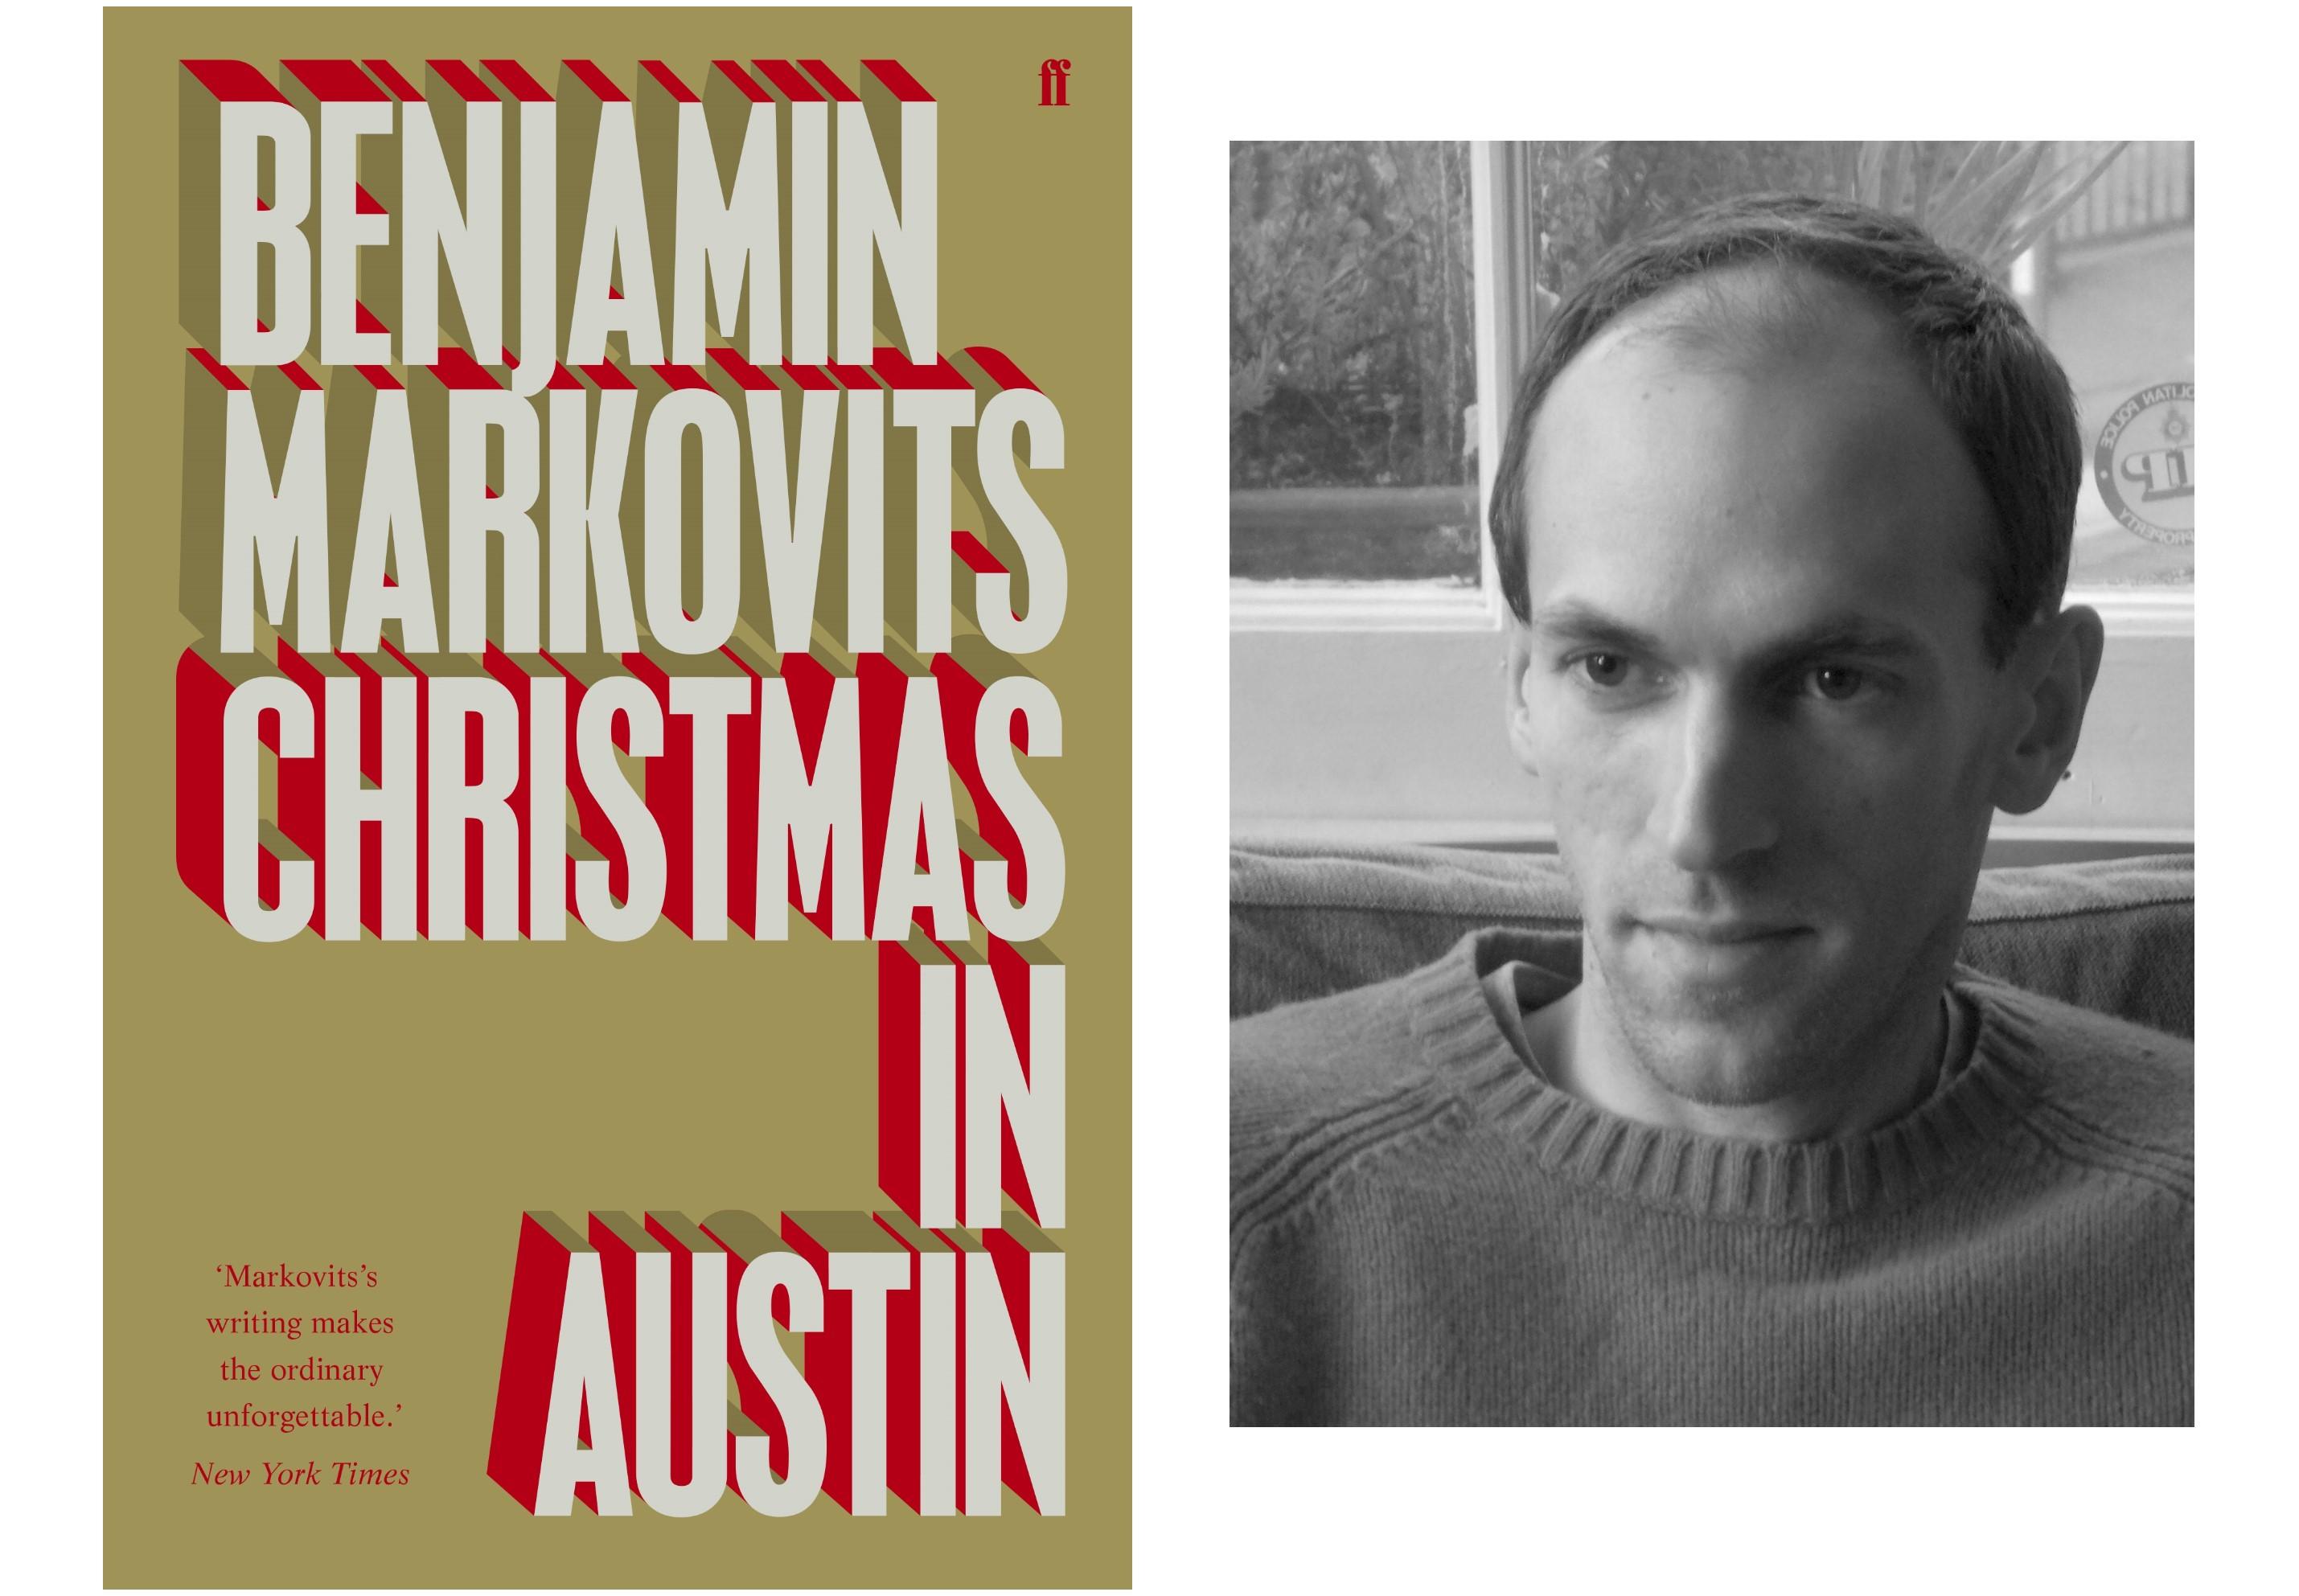 Benjamin Markovits: Christmas in Austin